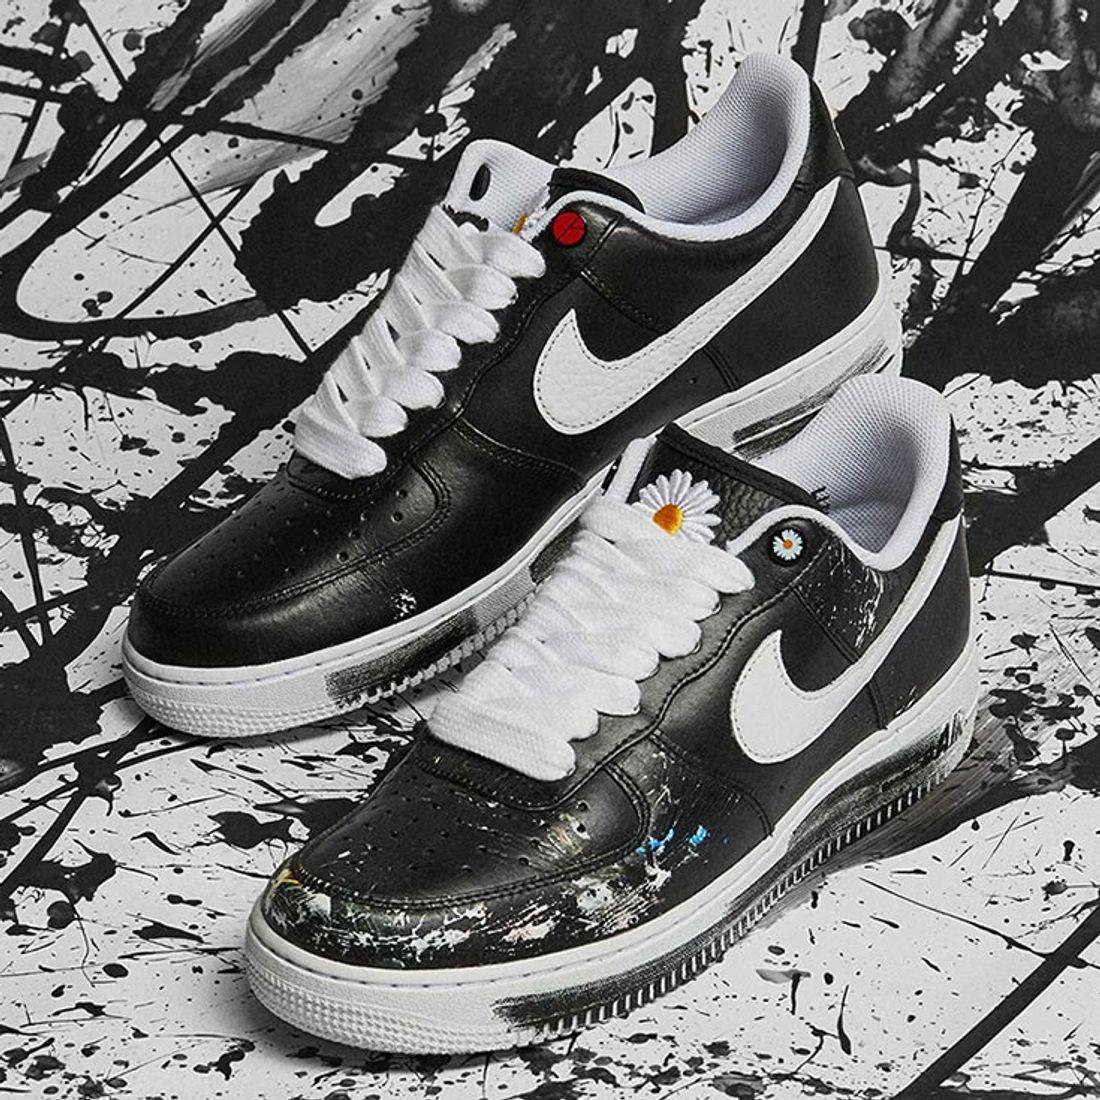 Aburrir Corbata seta  GD nike - Google 搜索 | Nike air, Giày thời trang, Nike air max